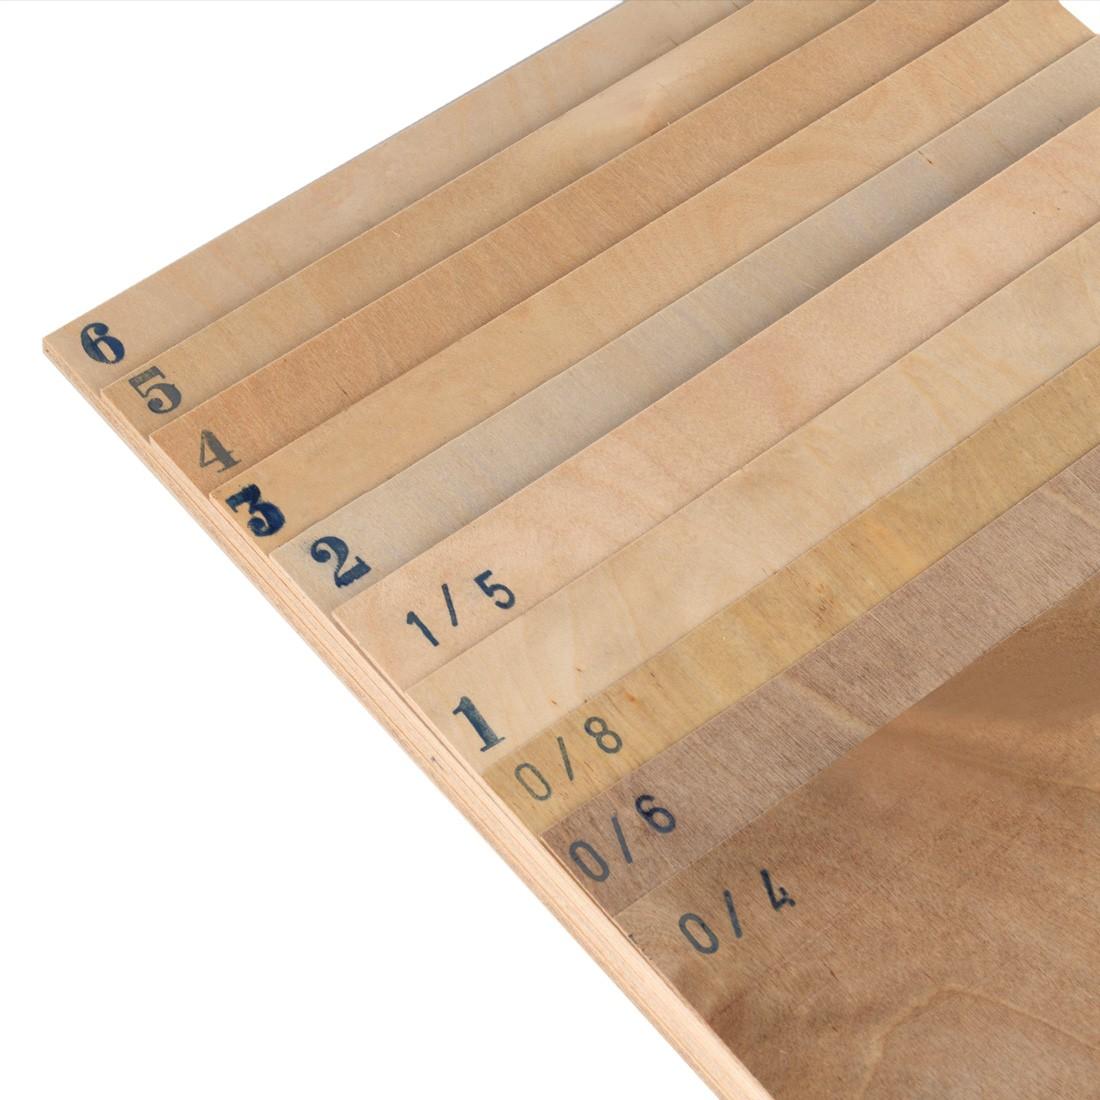 Avio Birch plywood mm.0,8 cm.122x40